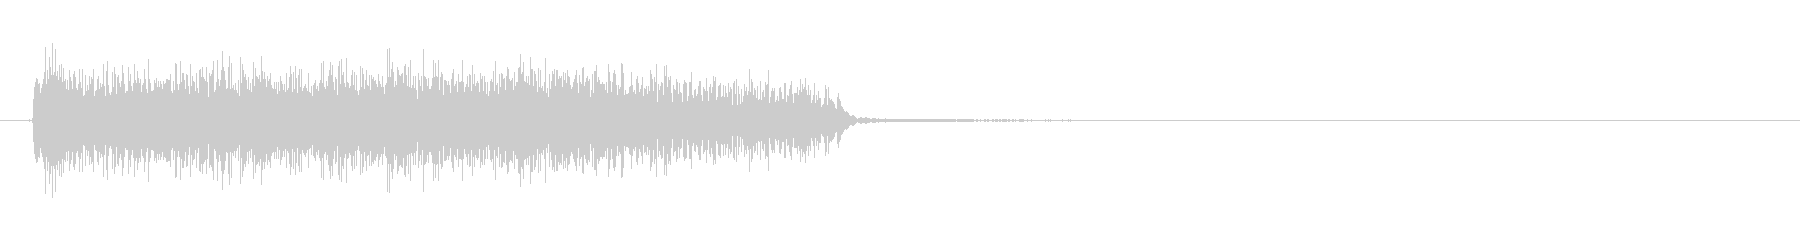 ジングル:エレキギターのズキューン1の未再生の波形